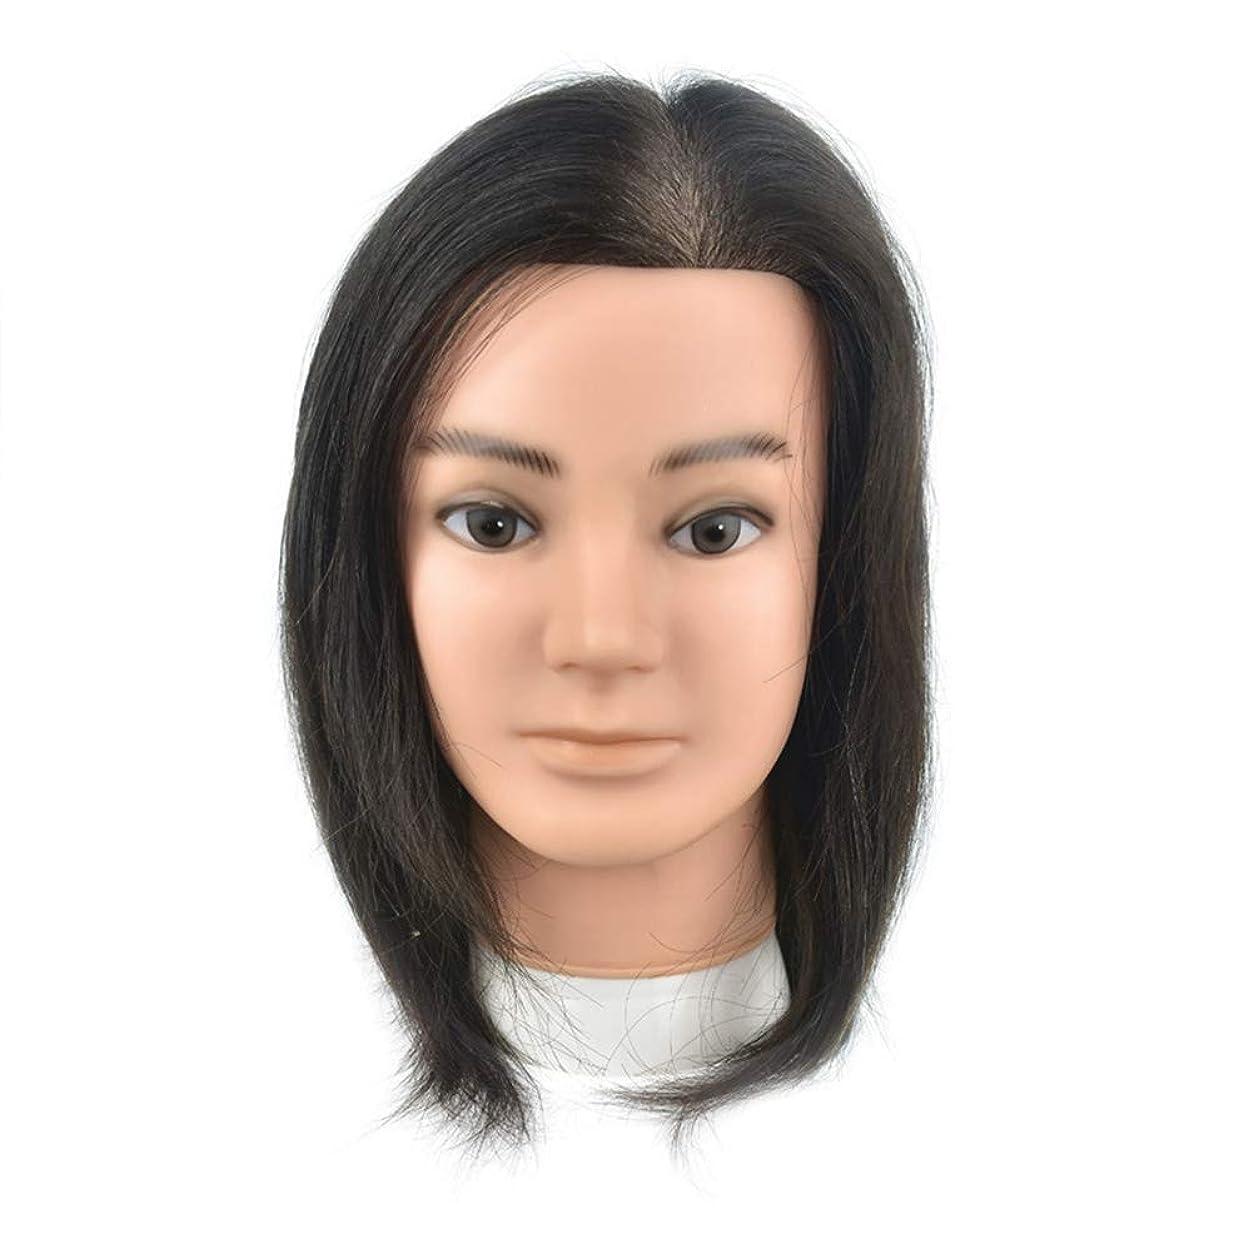 カスケードなに包括的リアルヘアスタイリングマネキンヘッド女性ヘッドモデル教育ヘッド理髪店編組ヘア染色学習ダミーヘッド